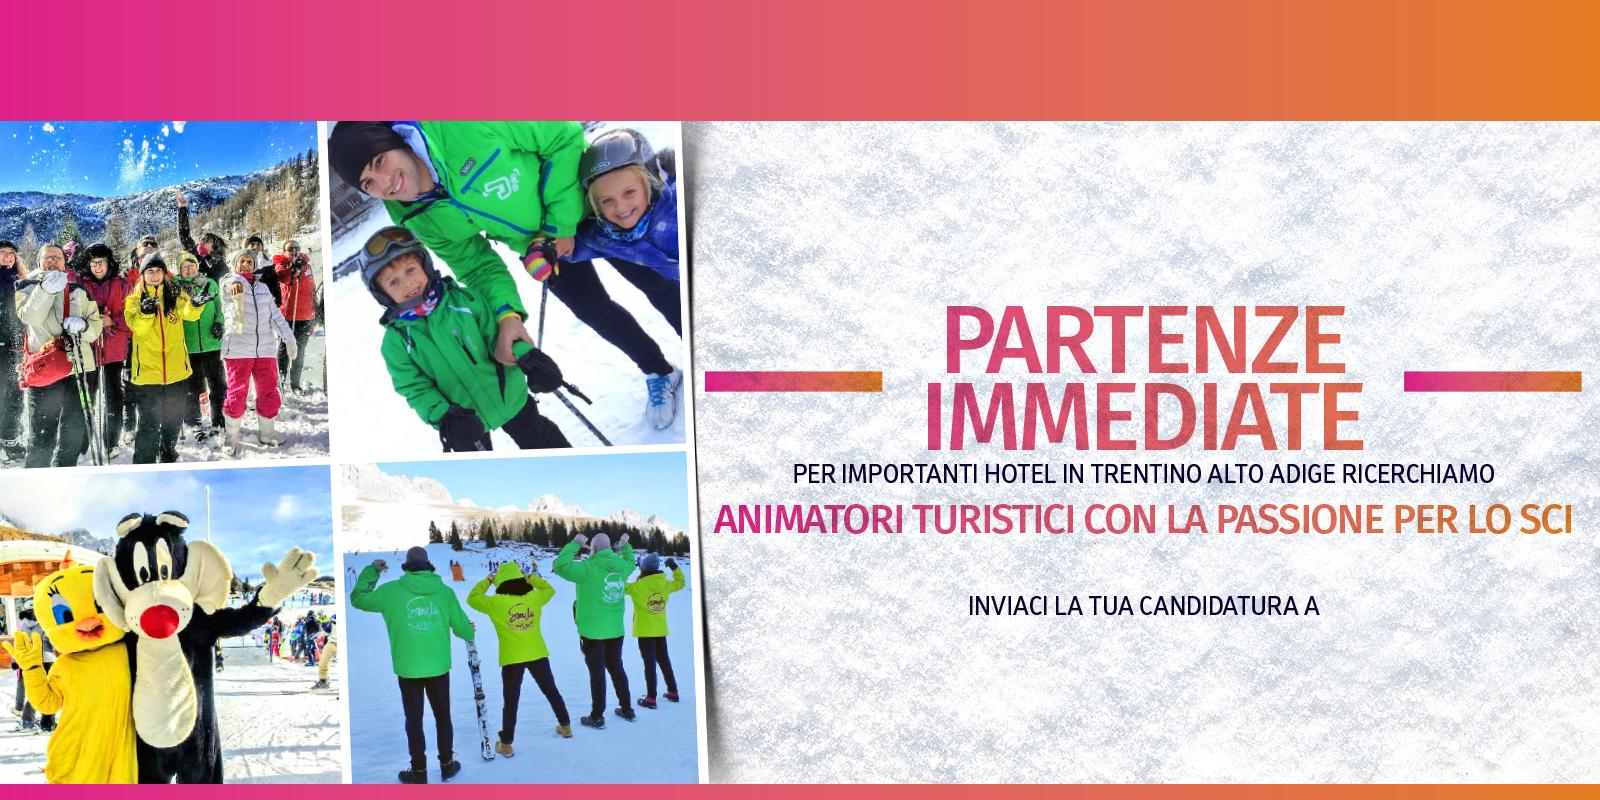 stagione invernale animazione turistica